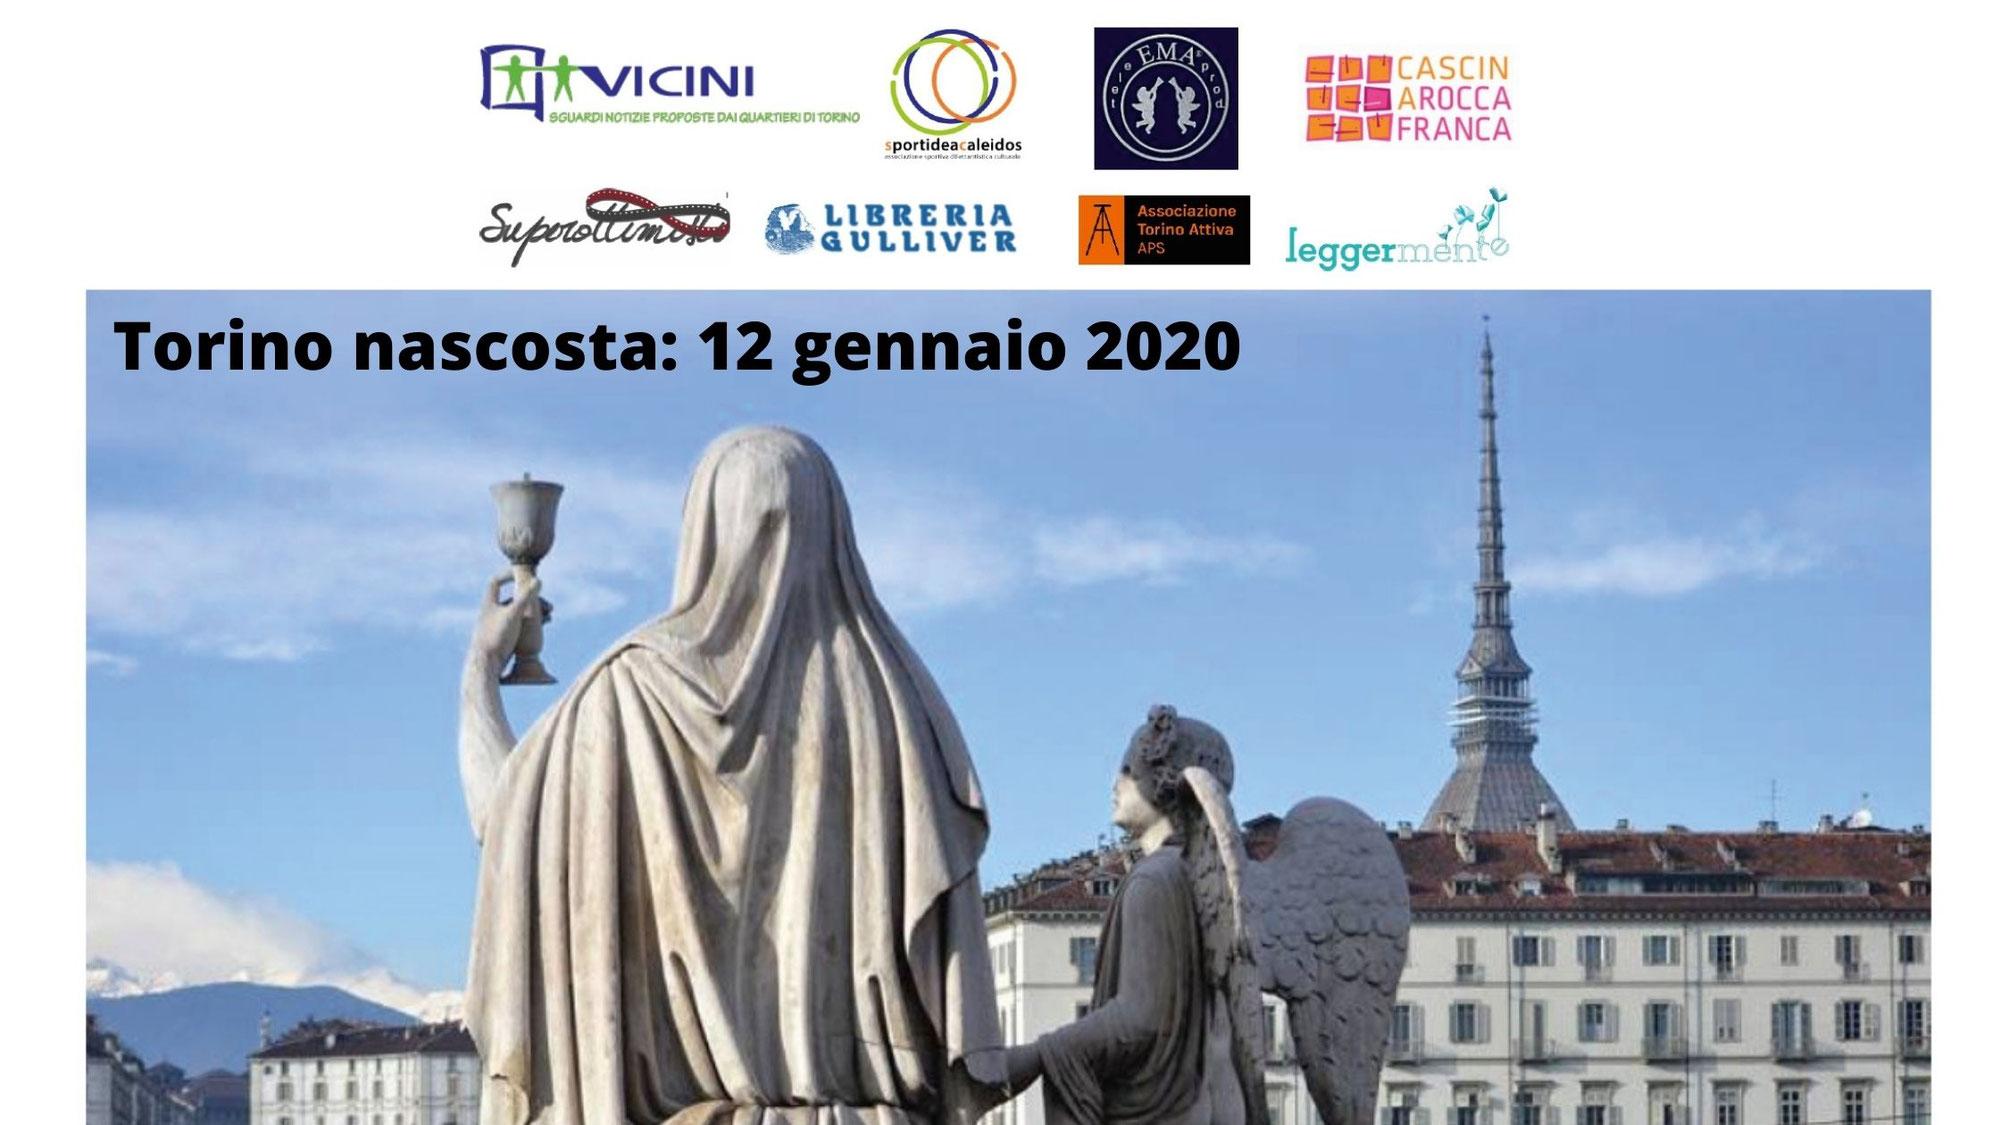 Torino nascosta: 12 gennaio 2020